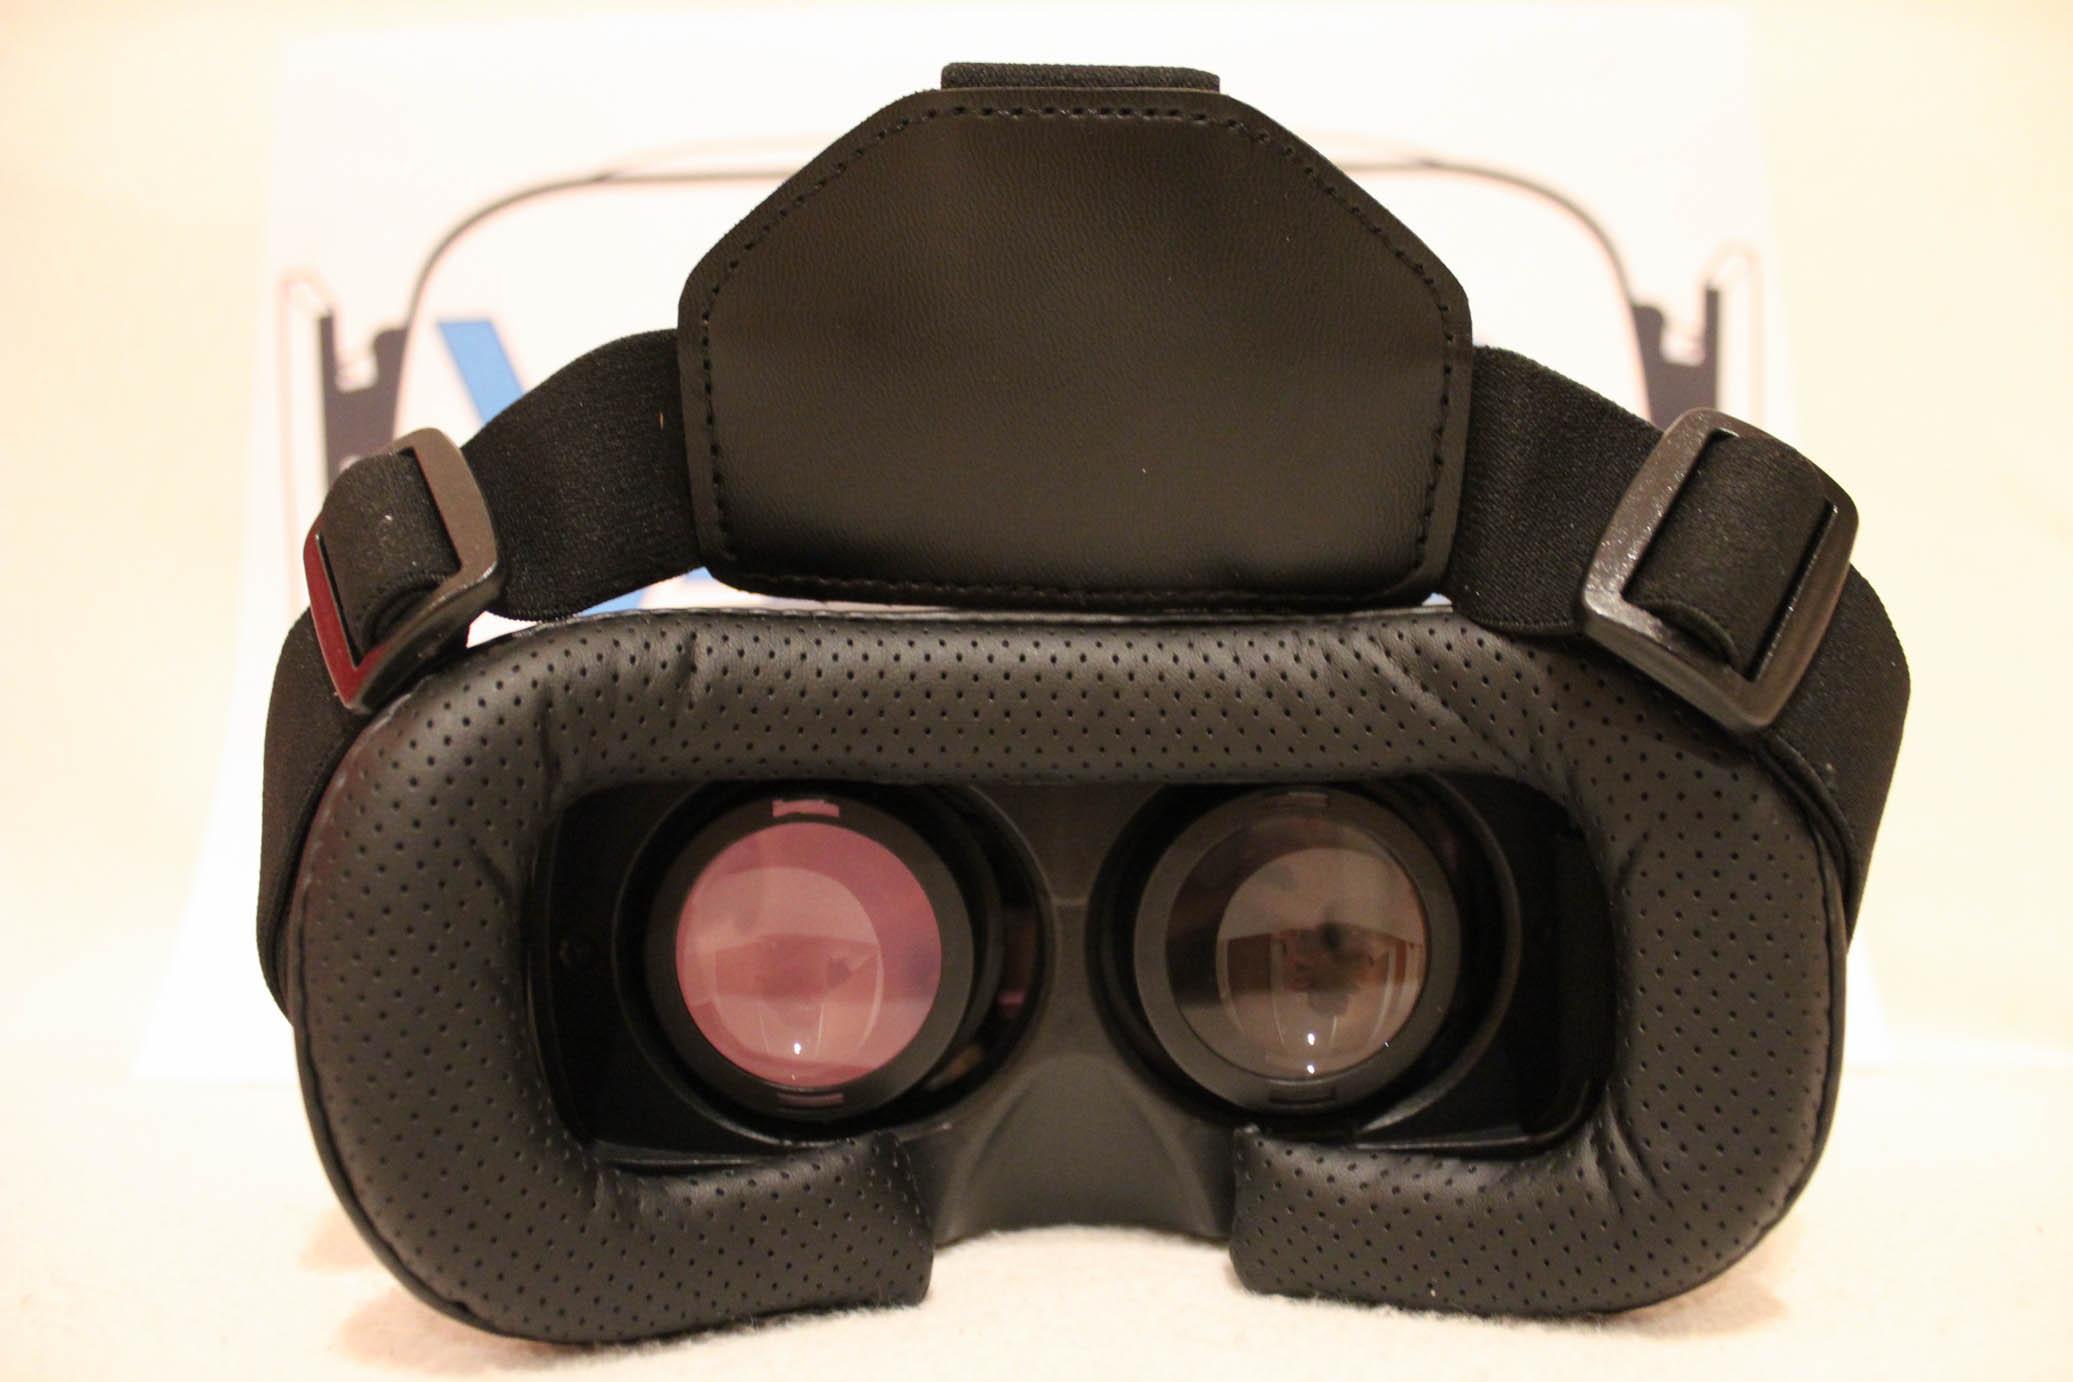 8dde889a3 VR Box 2.0 je populárny čínsky headset. skvelý headset, ktorému nie je čo  vytknúť. Poskytuje všetko, čo pre mobilnú virtuálnu realitu potrebujete.